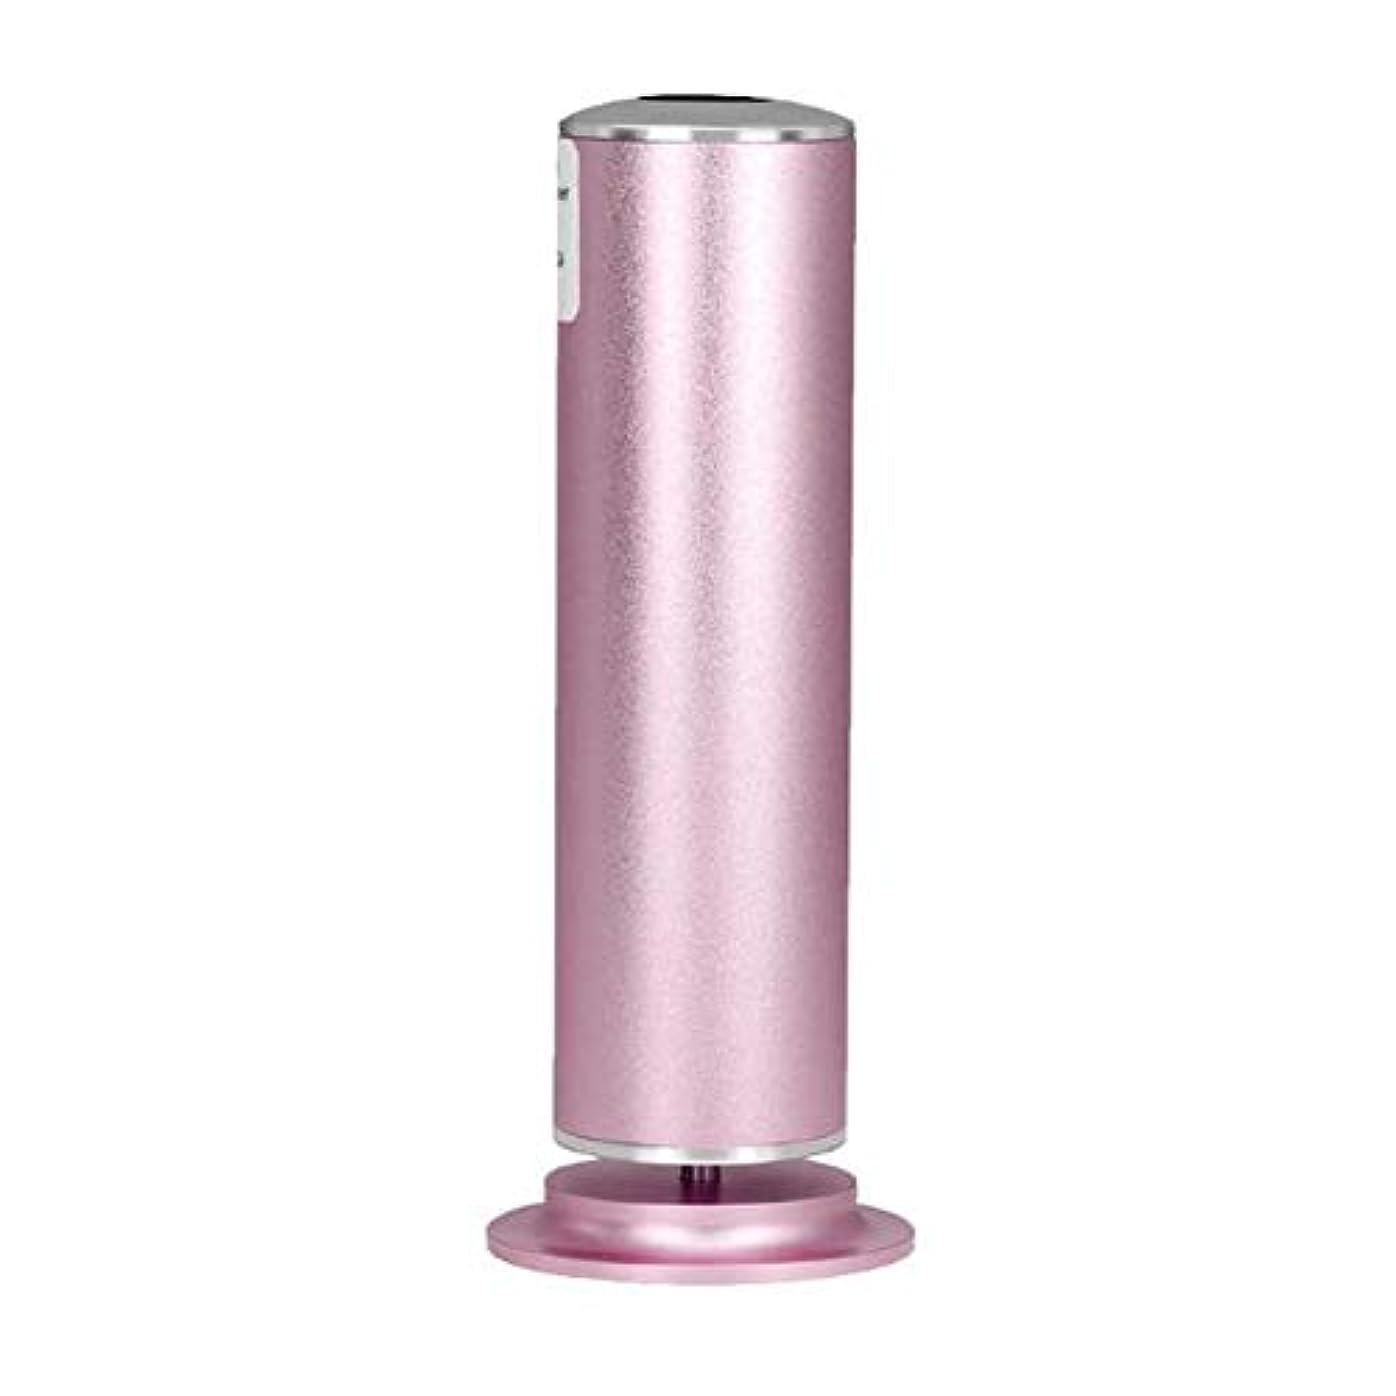 家事をする悪用大通り粉砕の古い死んだ皮の電気ペディキュアの自動粉砕機,Pink